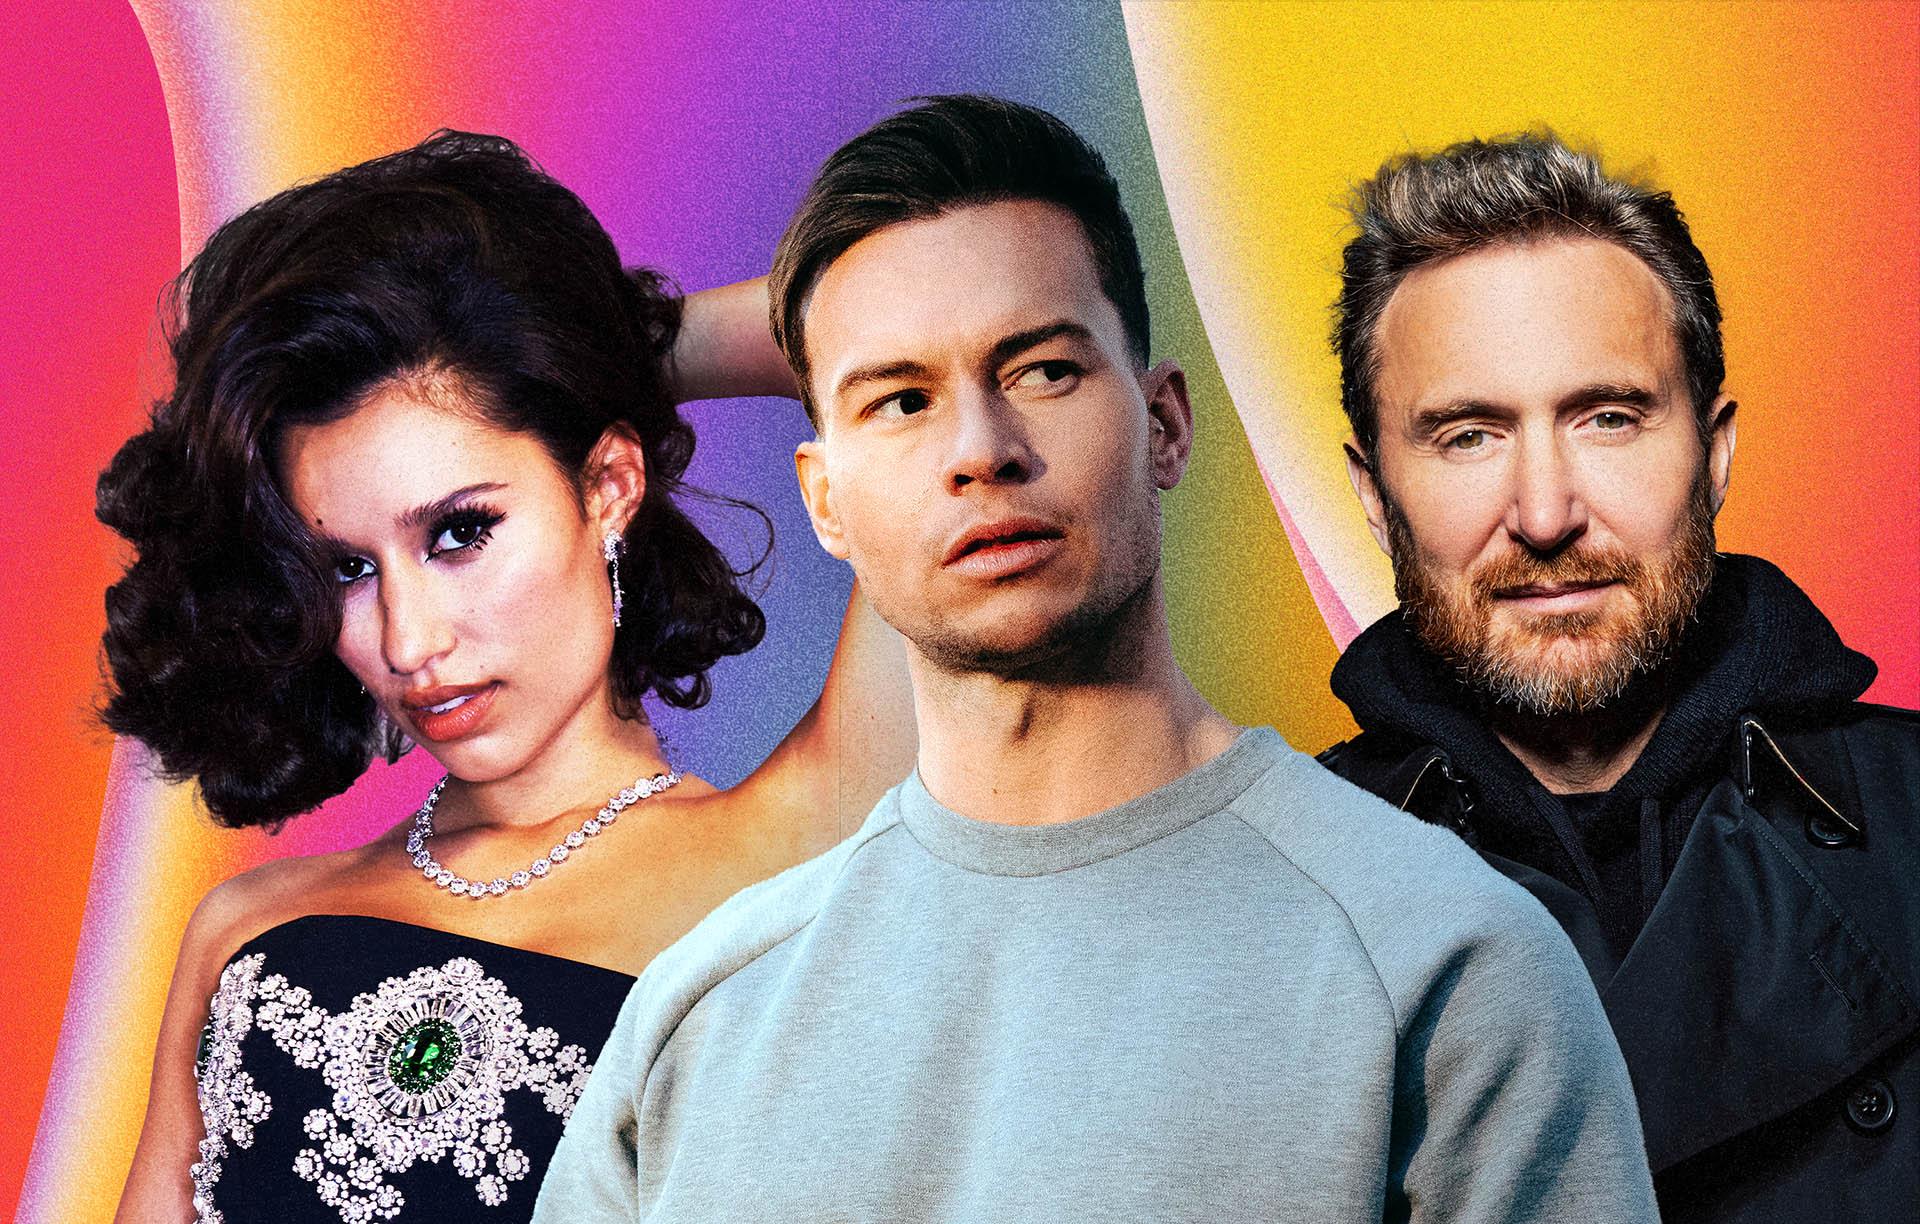 Bed - RAYE, Joel Corry, David Guetta